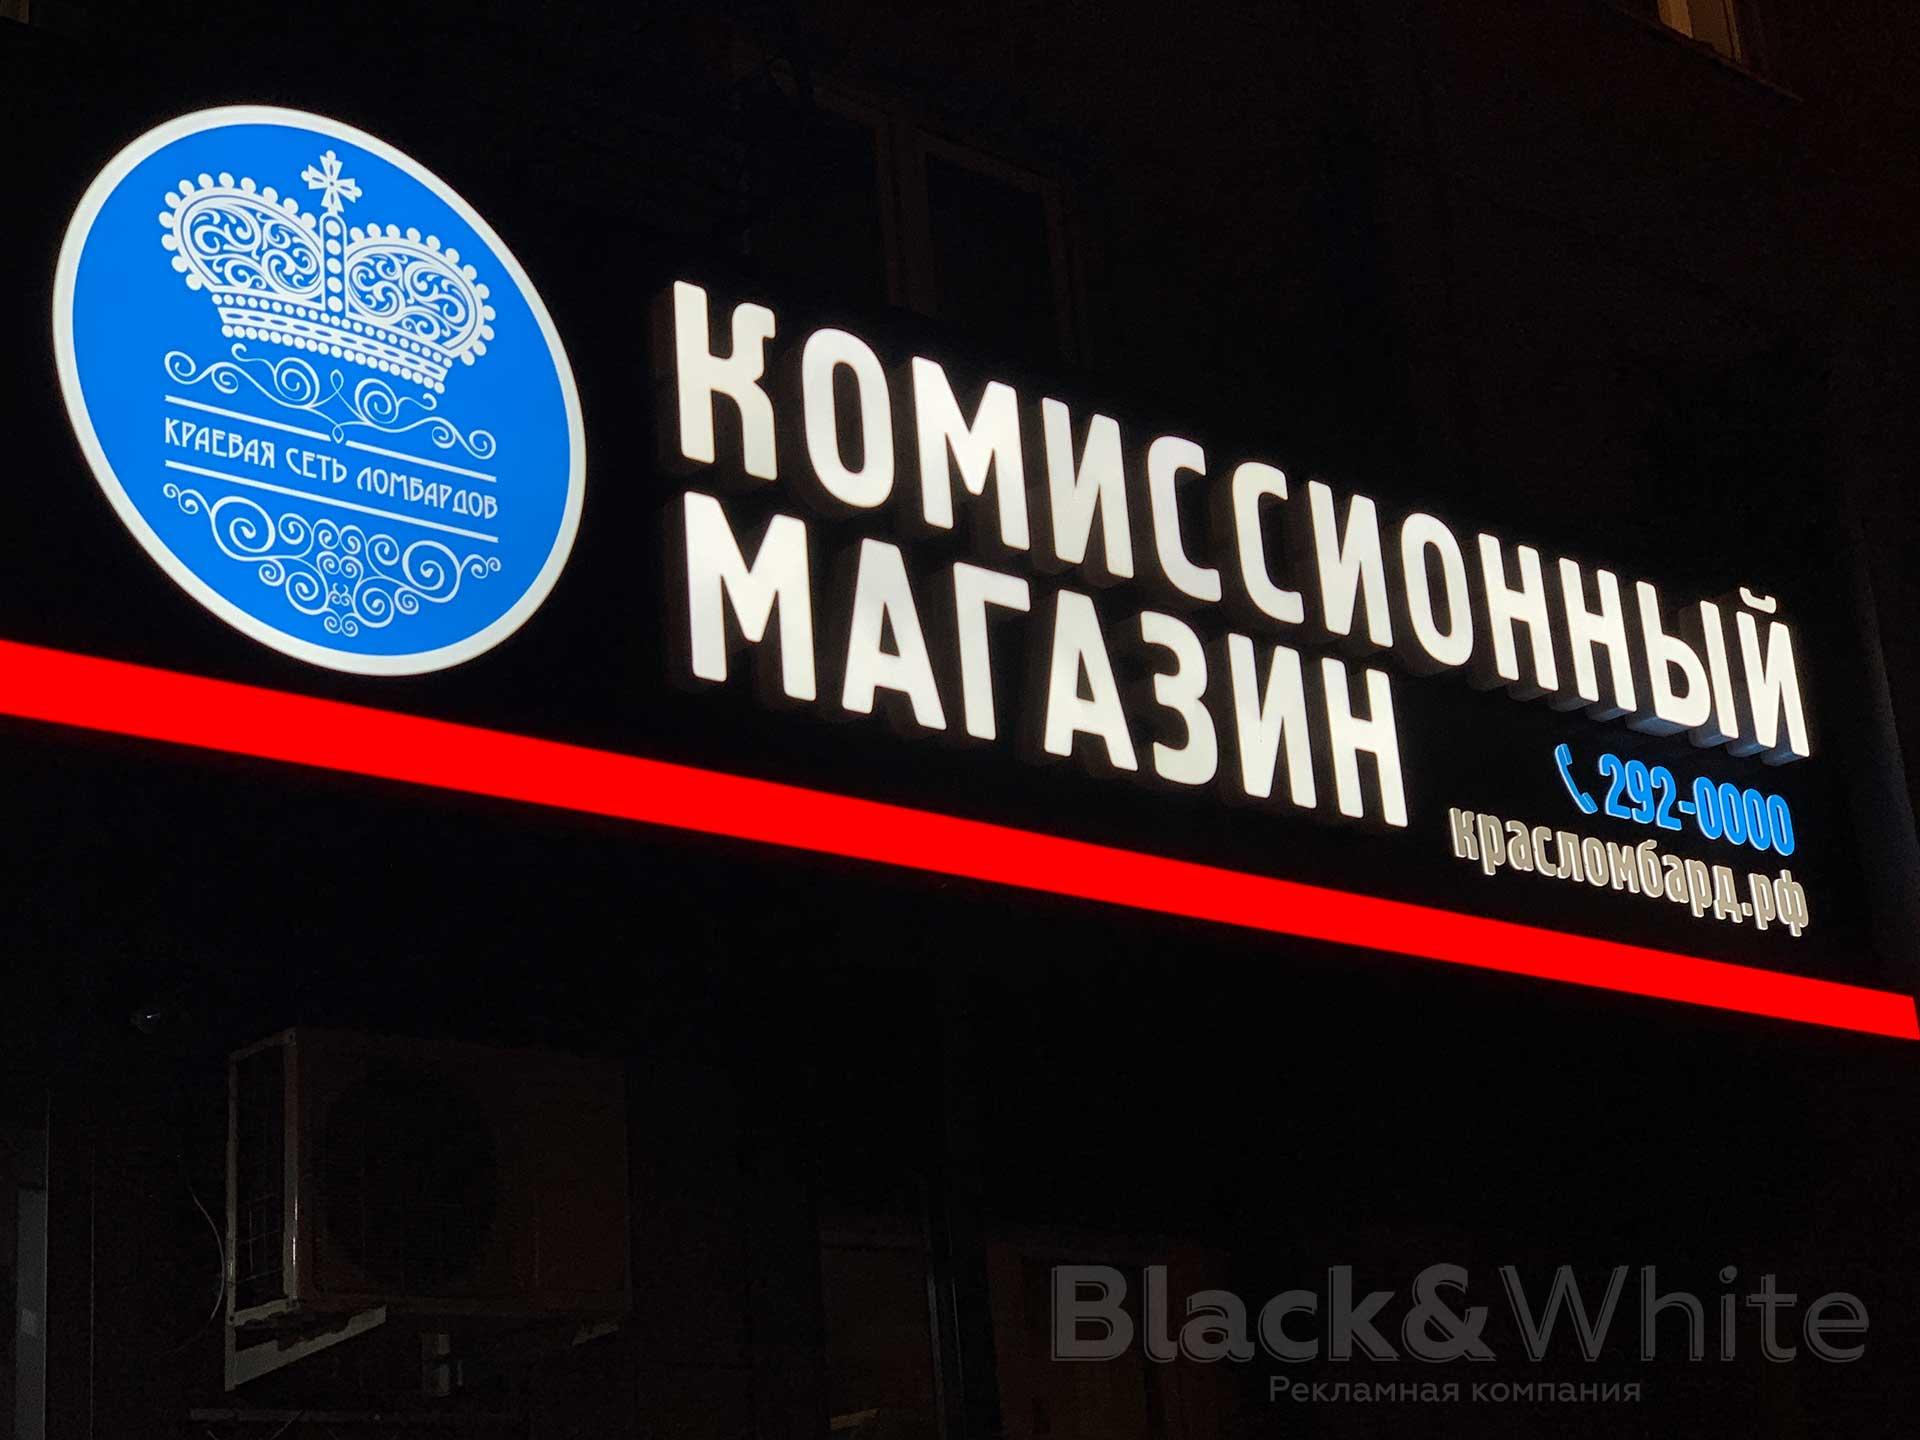 Световая-вывеска-для-ломбарда-с-световыми-объёмными-буквами-в-Красноярске-Black&White...jpg